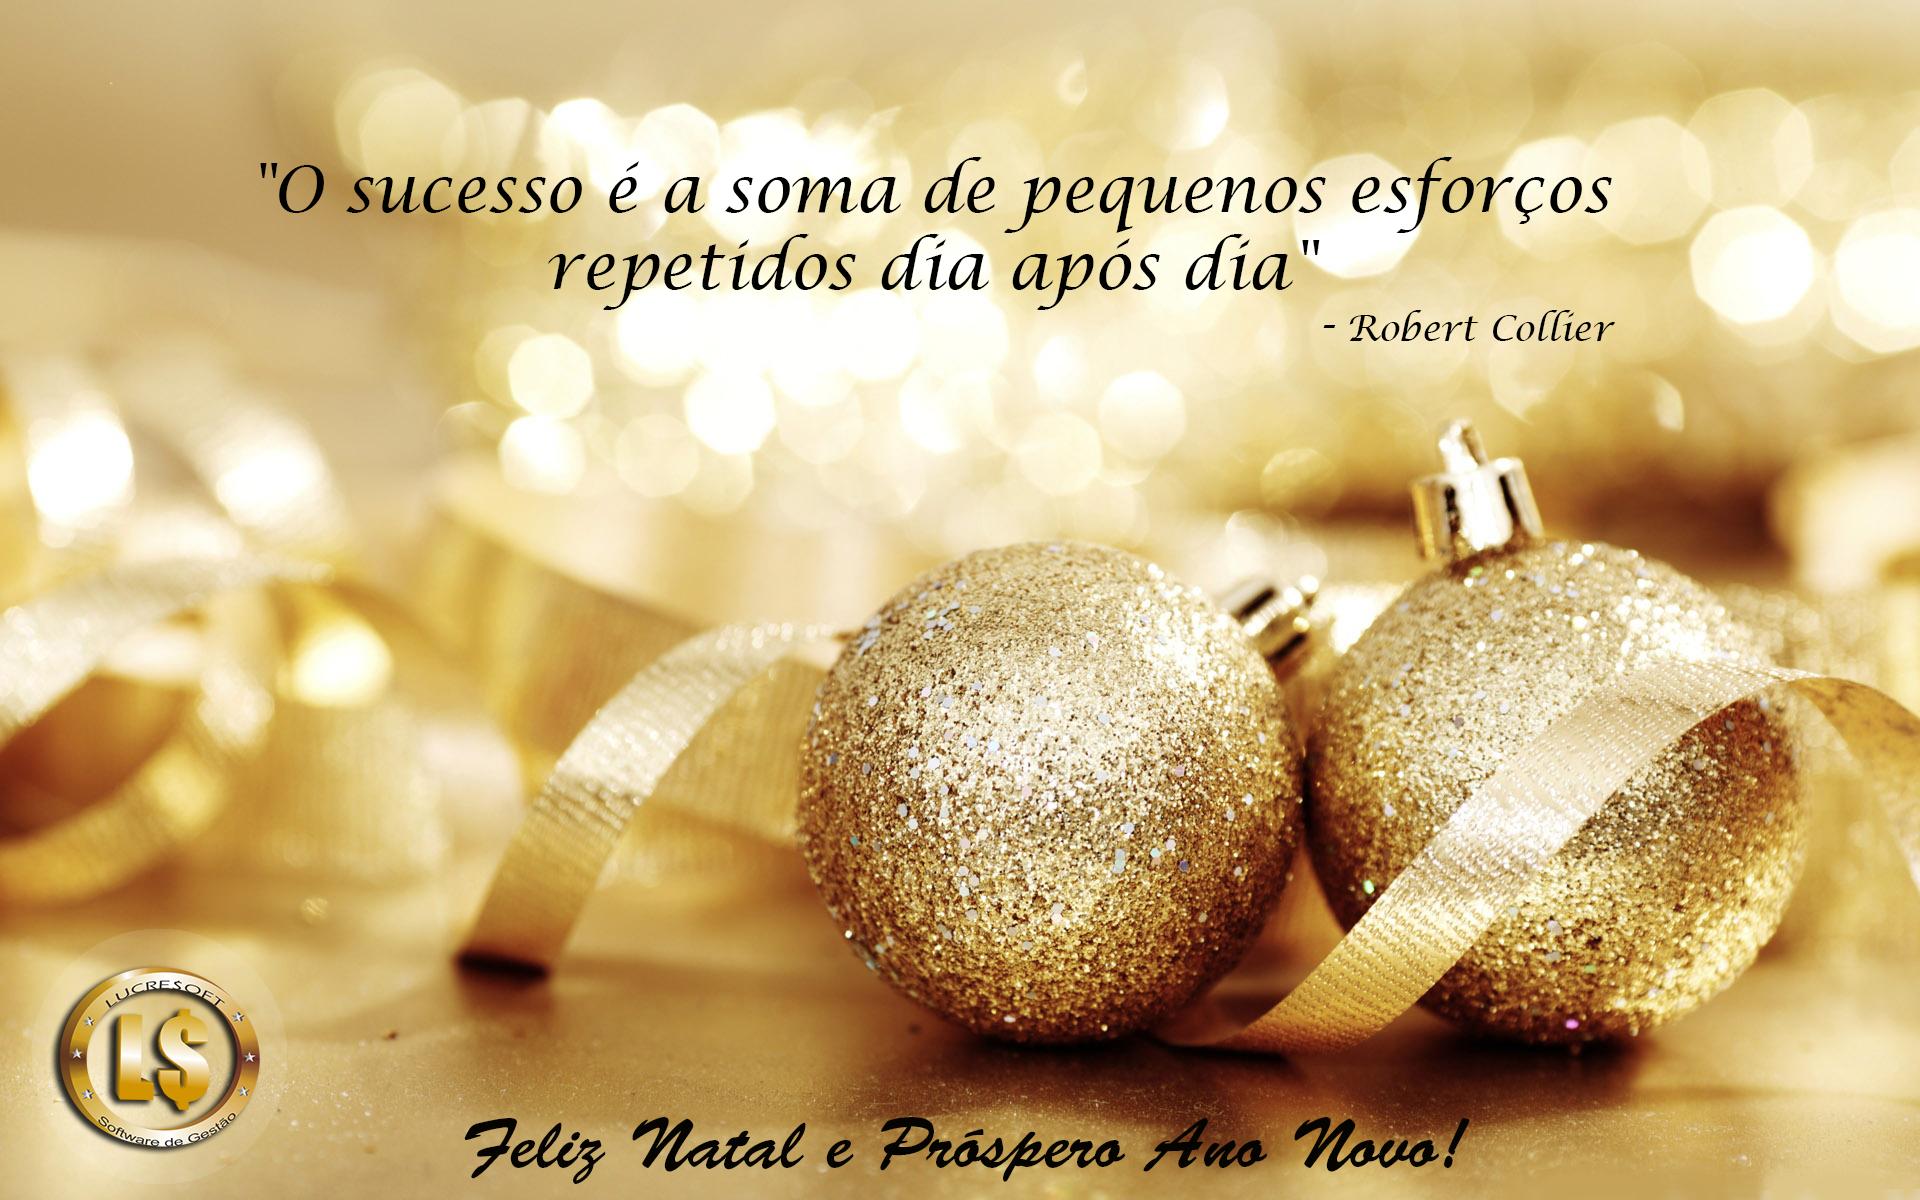 Resultado De Imagem Para Feliz Natal E Prospero Ano Novo